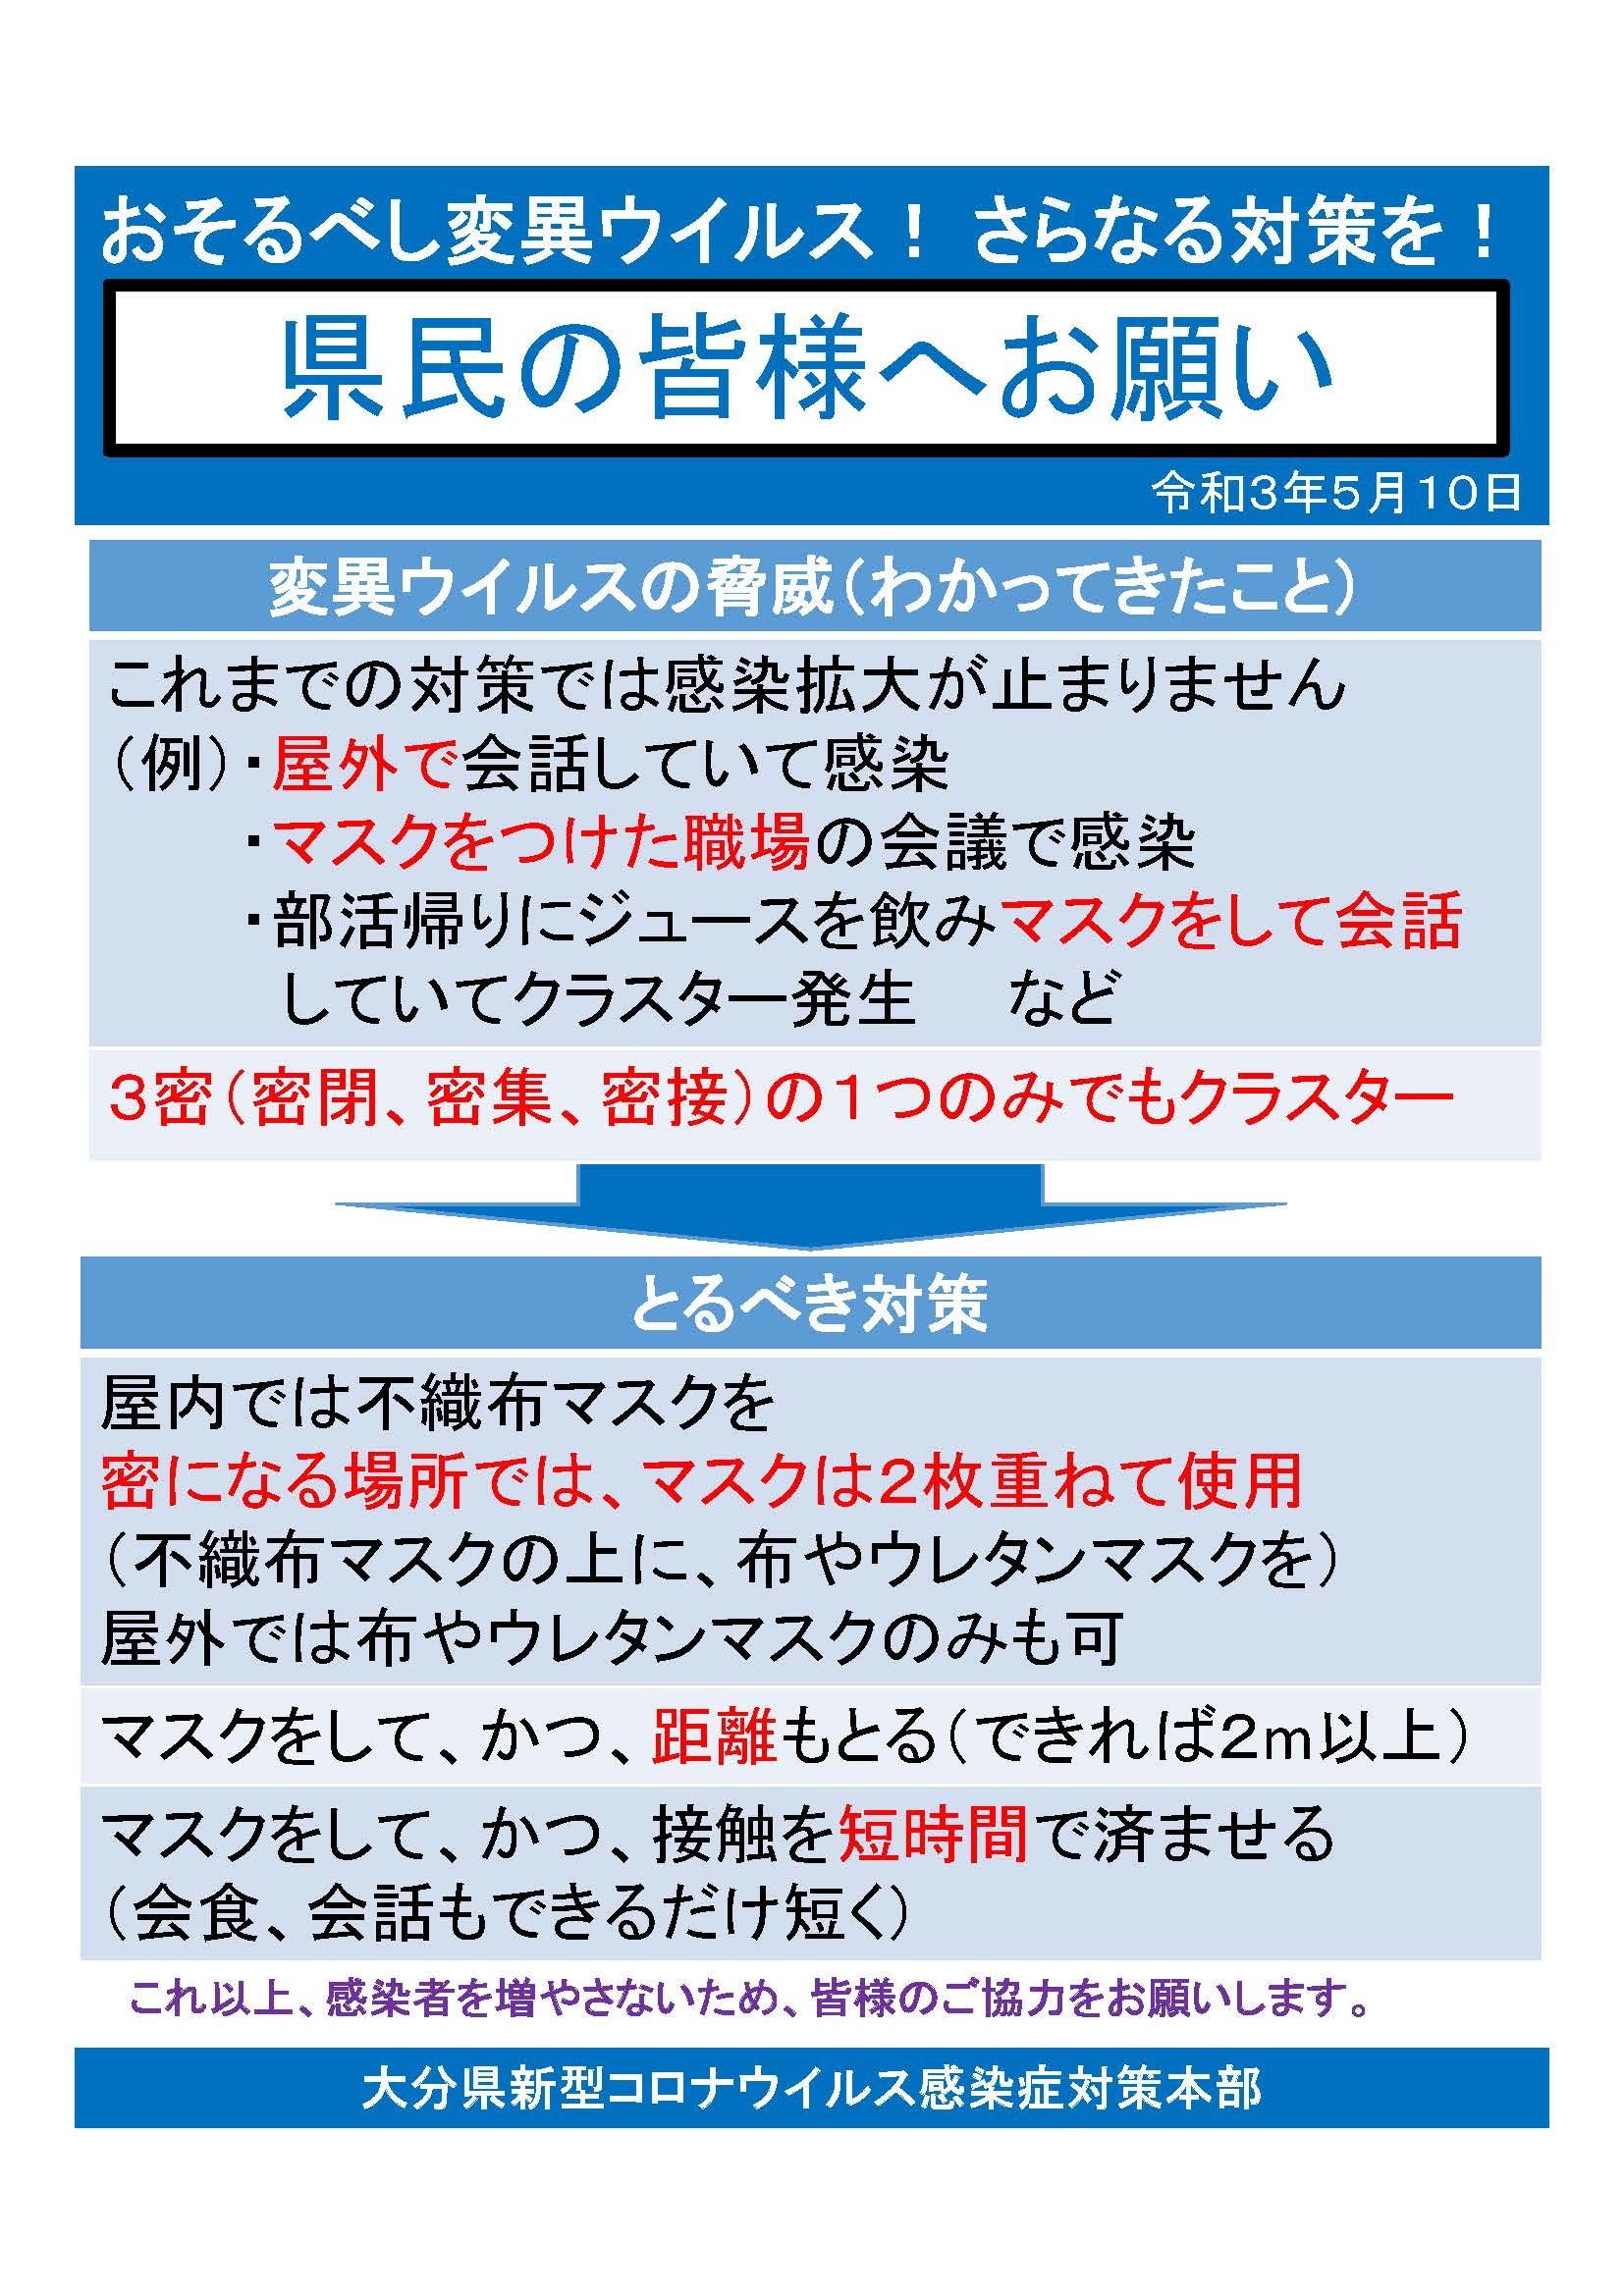 大分県より新型コロナウイルス感染拡大防止にかかる県民へのお願い_d0070316_22264402.jpg